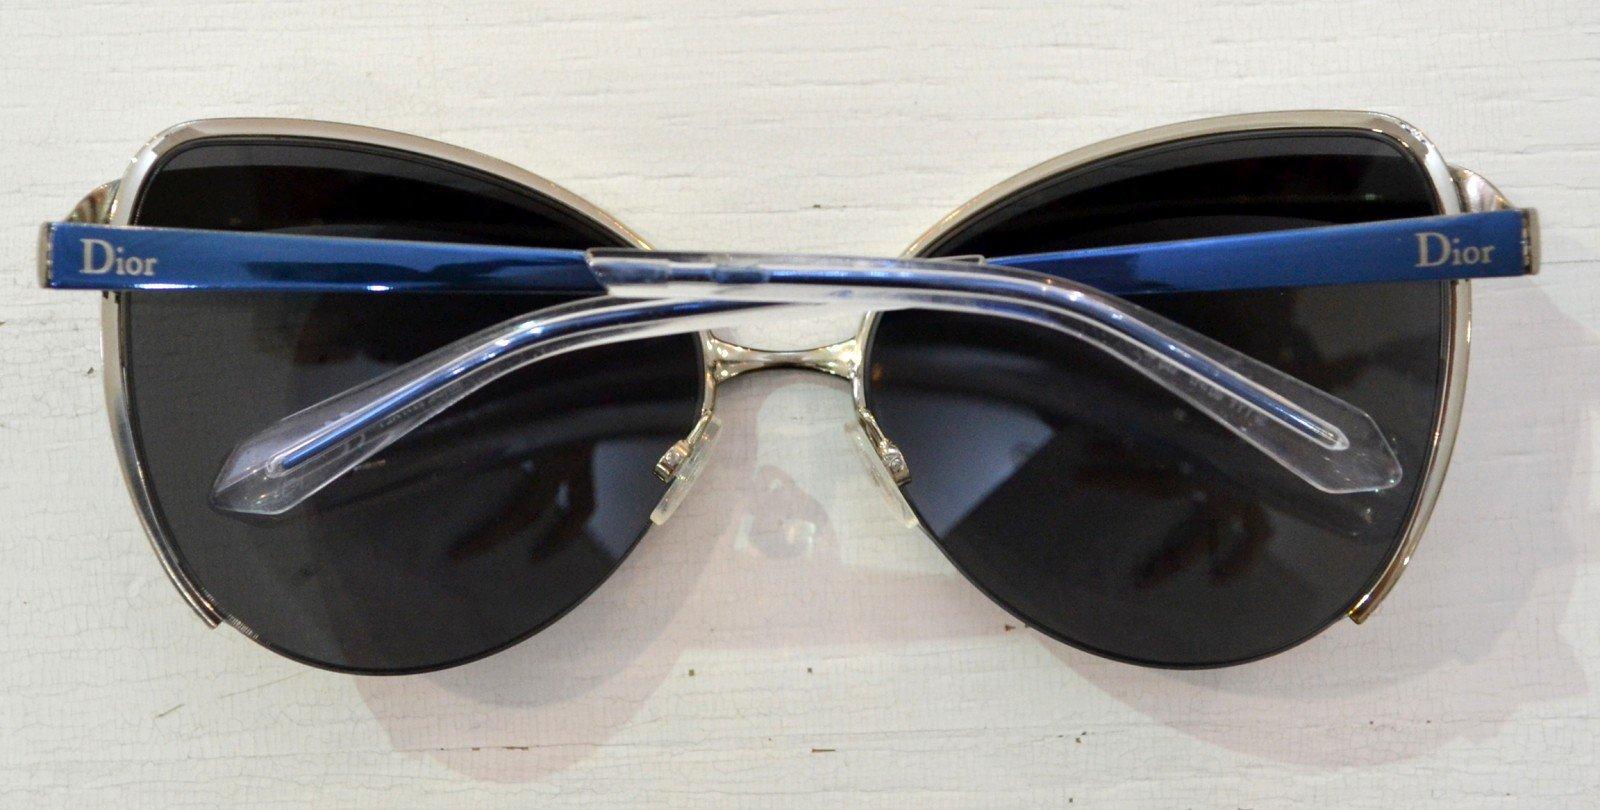 Заказать очки гуглес в березники заказать виртуальные очки к дрону в северодвинск